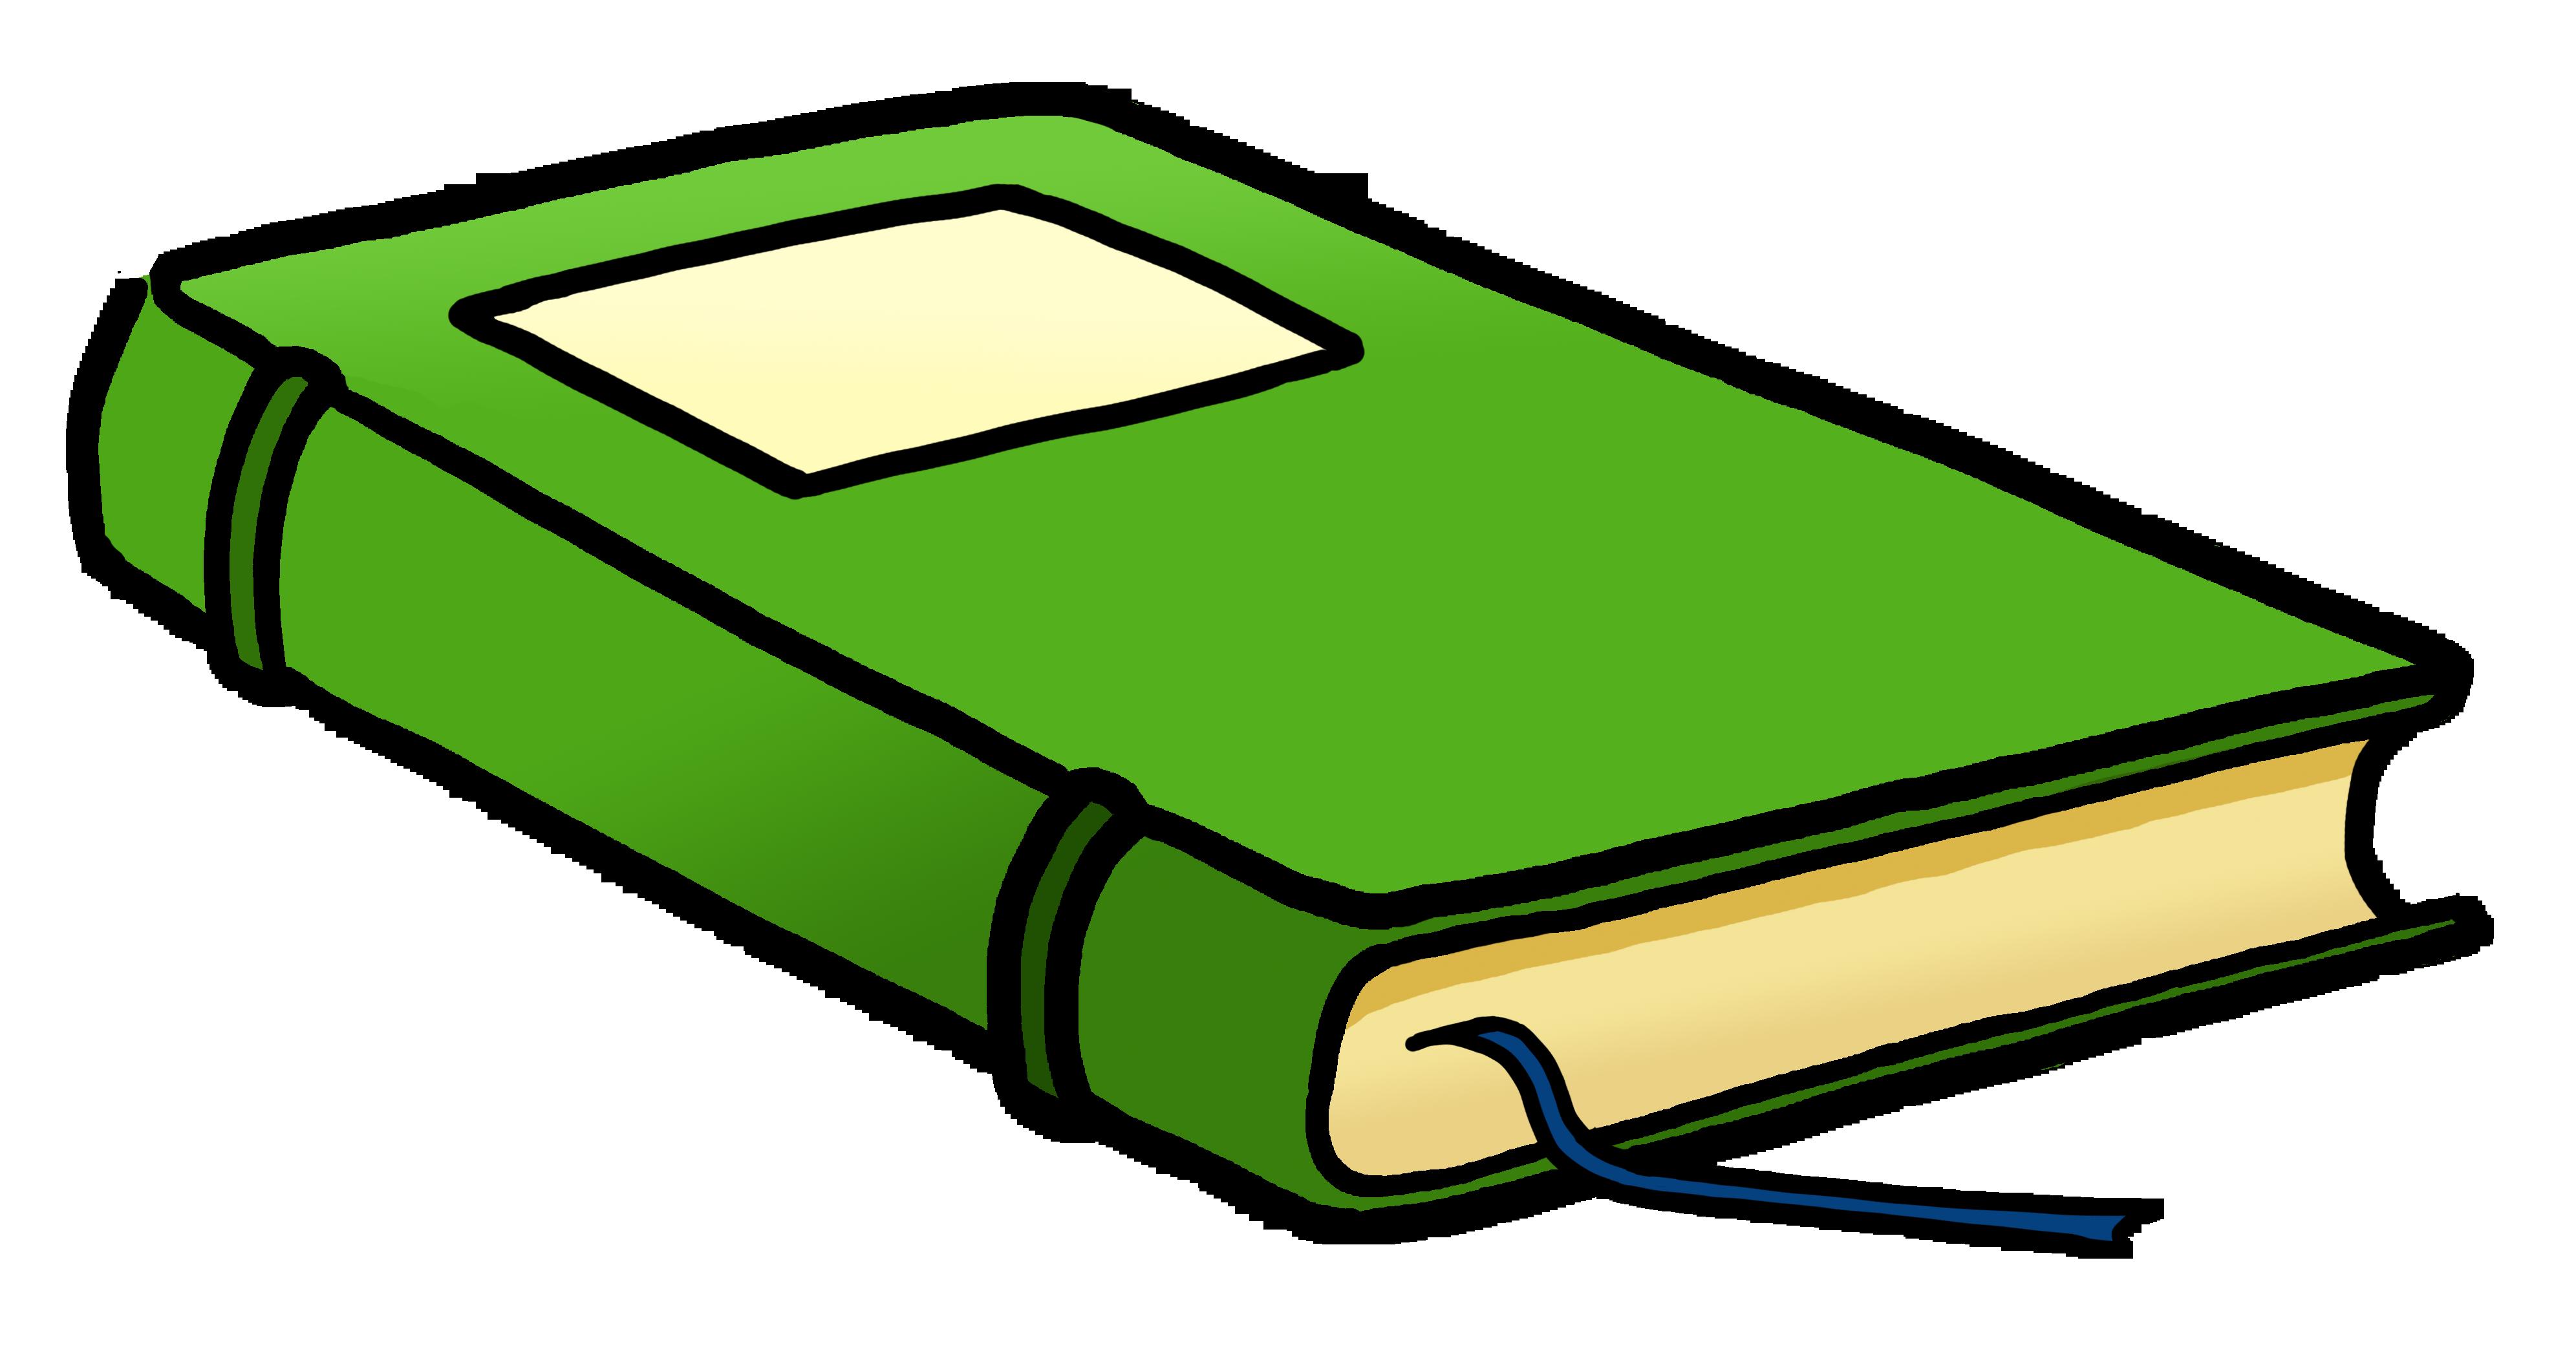 Book Clip Art: Book report clip art-Book Clip Art: Book report clip art-0